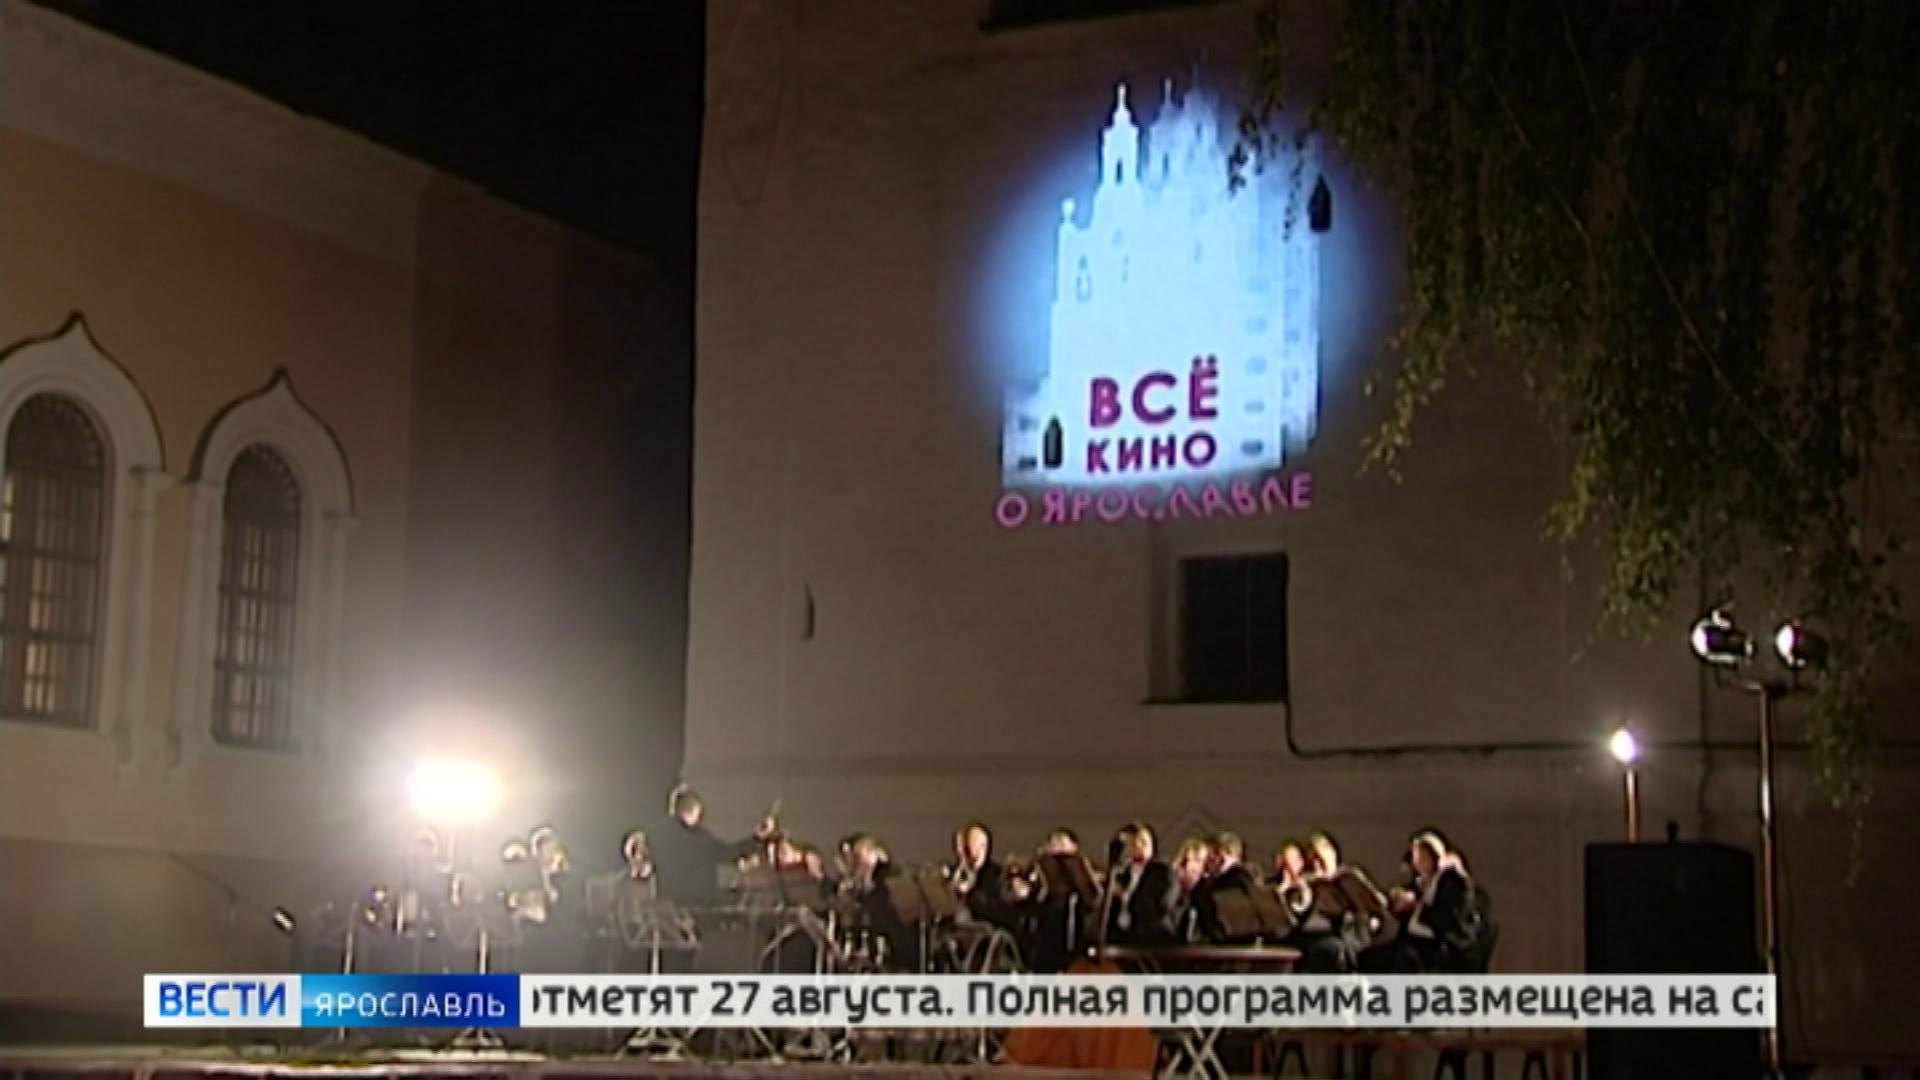 Автокинотеатр под открытым небом собрал около 80 машин в Екатеринбурге